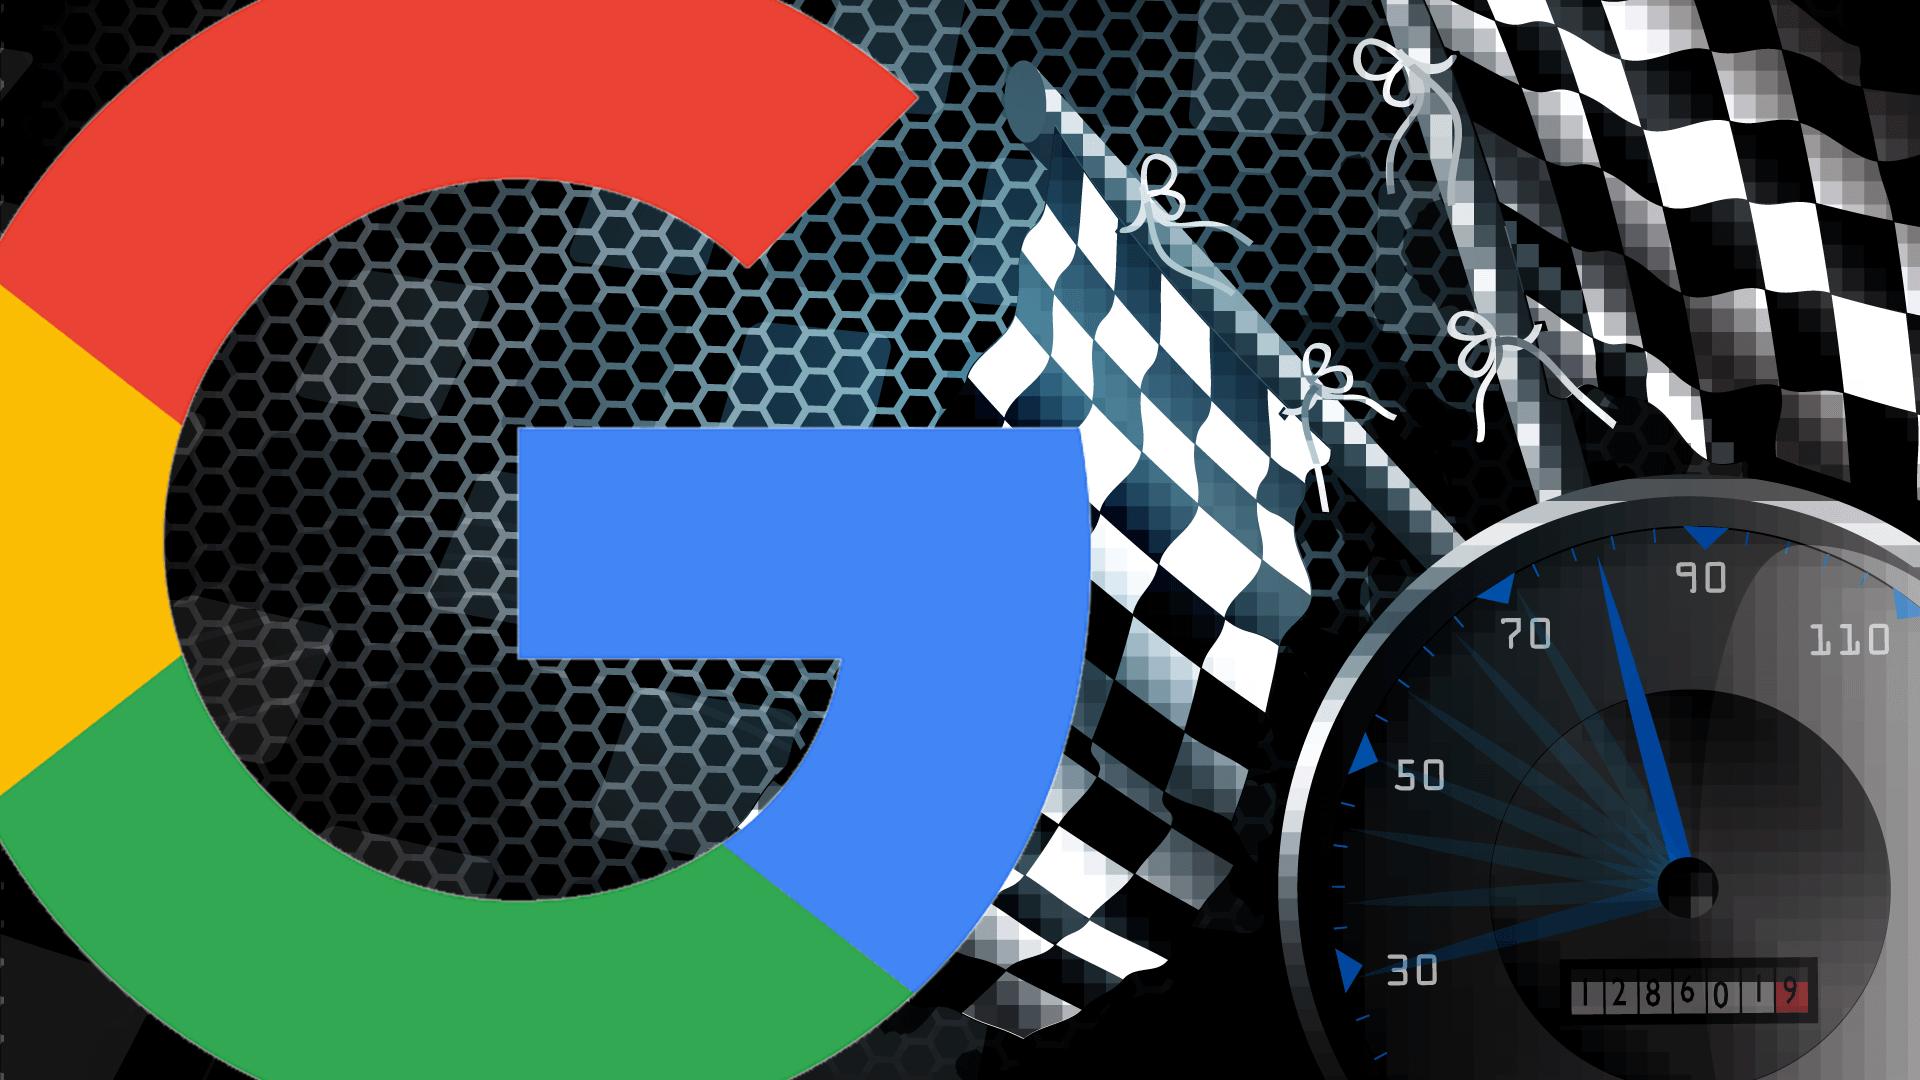 Itt az új Google algoritmus  a Speed Update – a weboldalak mobil sebességét  figyeli 6e847503c2